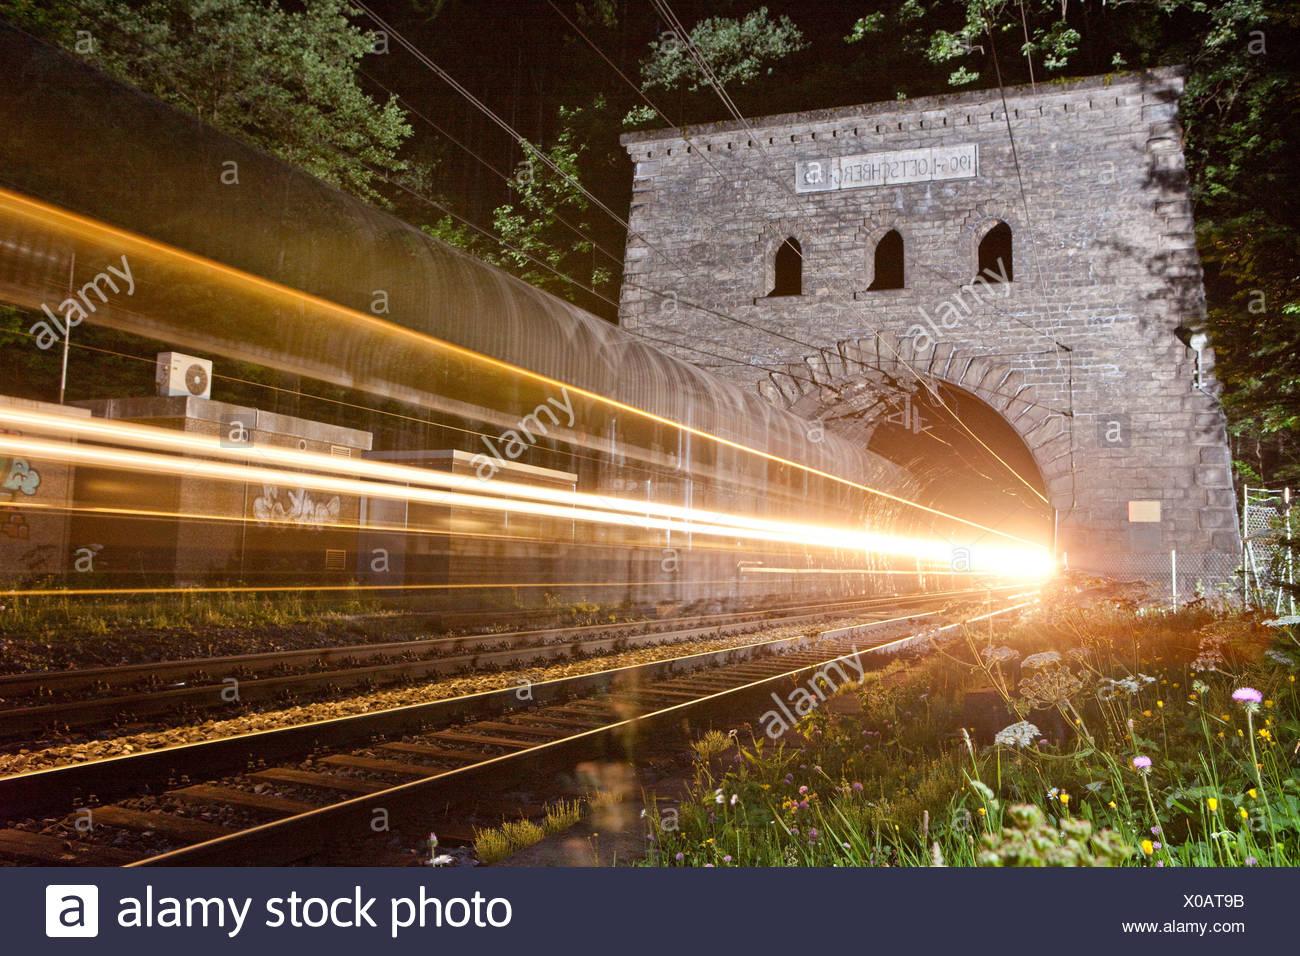 Entrée principale du nord, tunnel, Kandersteg, route, chemin de fer, train, chemin de fer, le Lötschberg, BLS, Suisse, Europe, Italie, Photo Stock